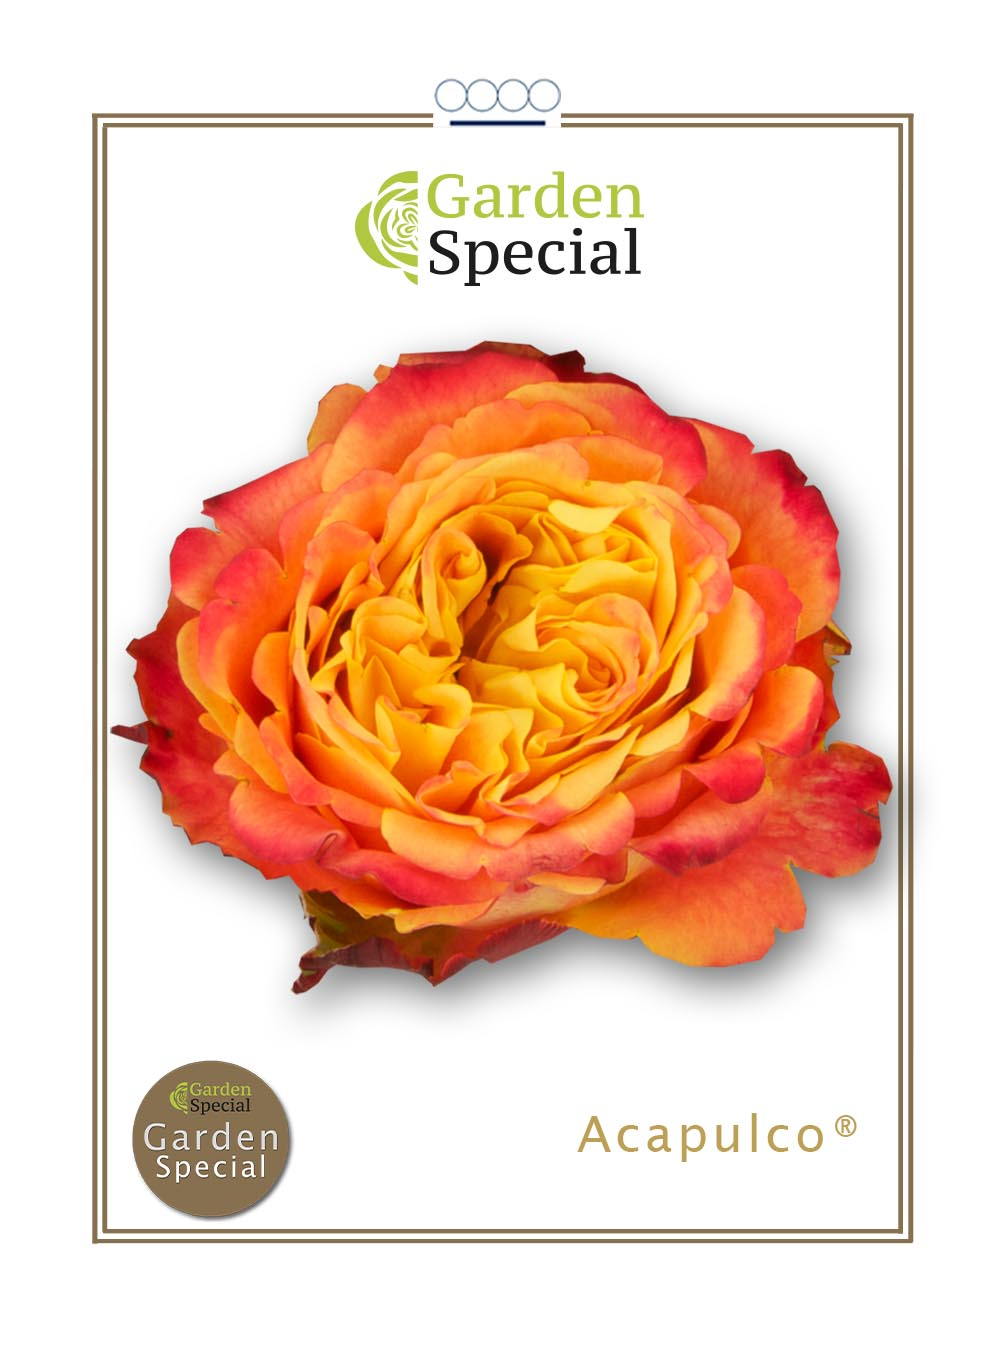 Acapulco®